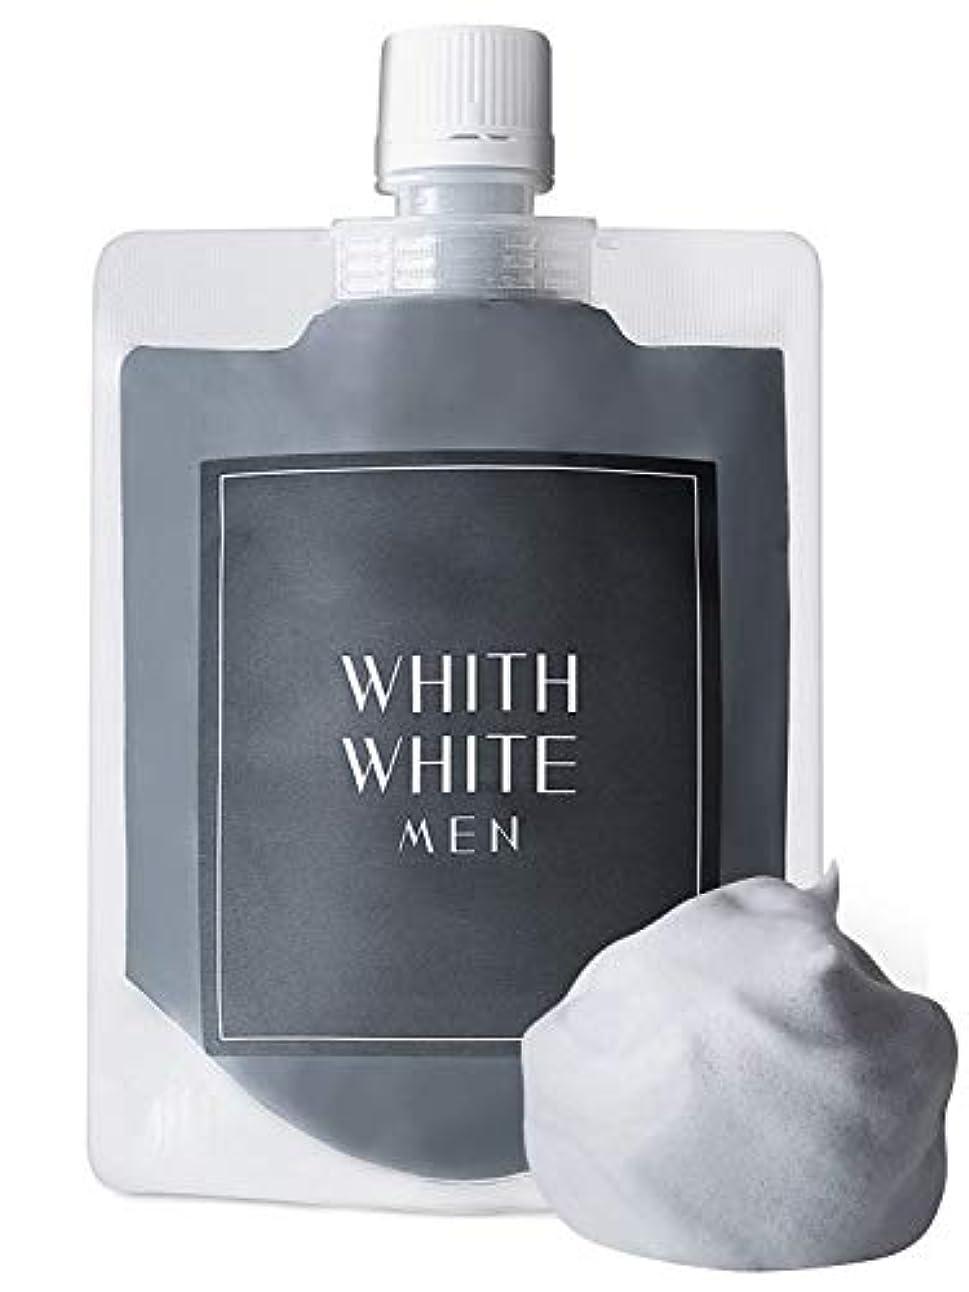 スチュワードピークジャニスフィス ホワイト メンズ 泥 洗顔 ネット 付き 8つの 無添加 洗顔フォーム (炭 泡 クレイ で 顔 汚れ を 落とす) (日本製 洗顔料 130g リッチ セット)(どろ で 毛穴 を ごっそり 除去)